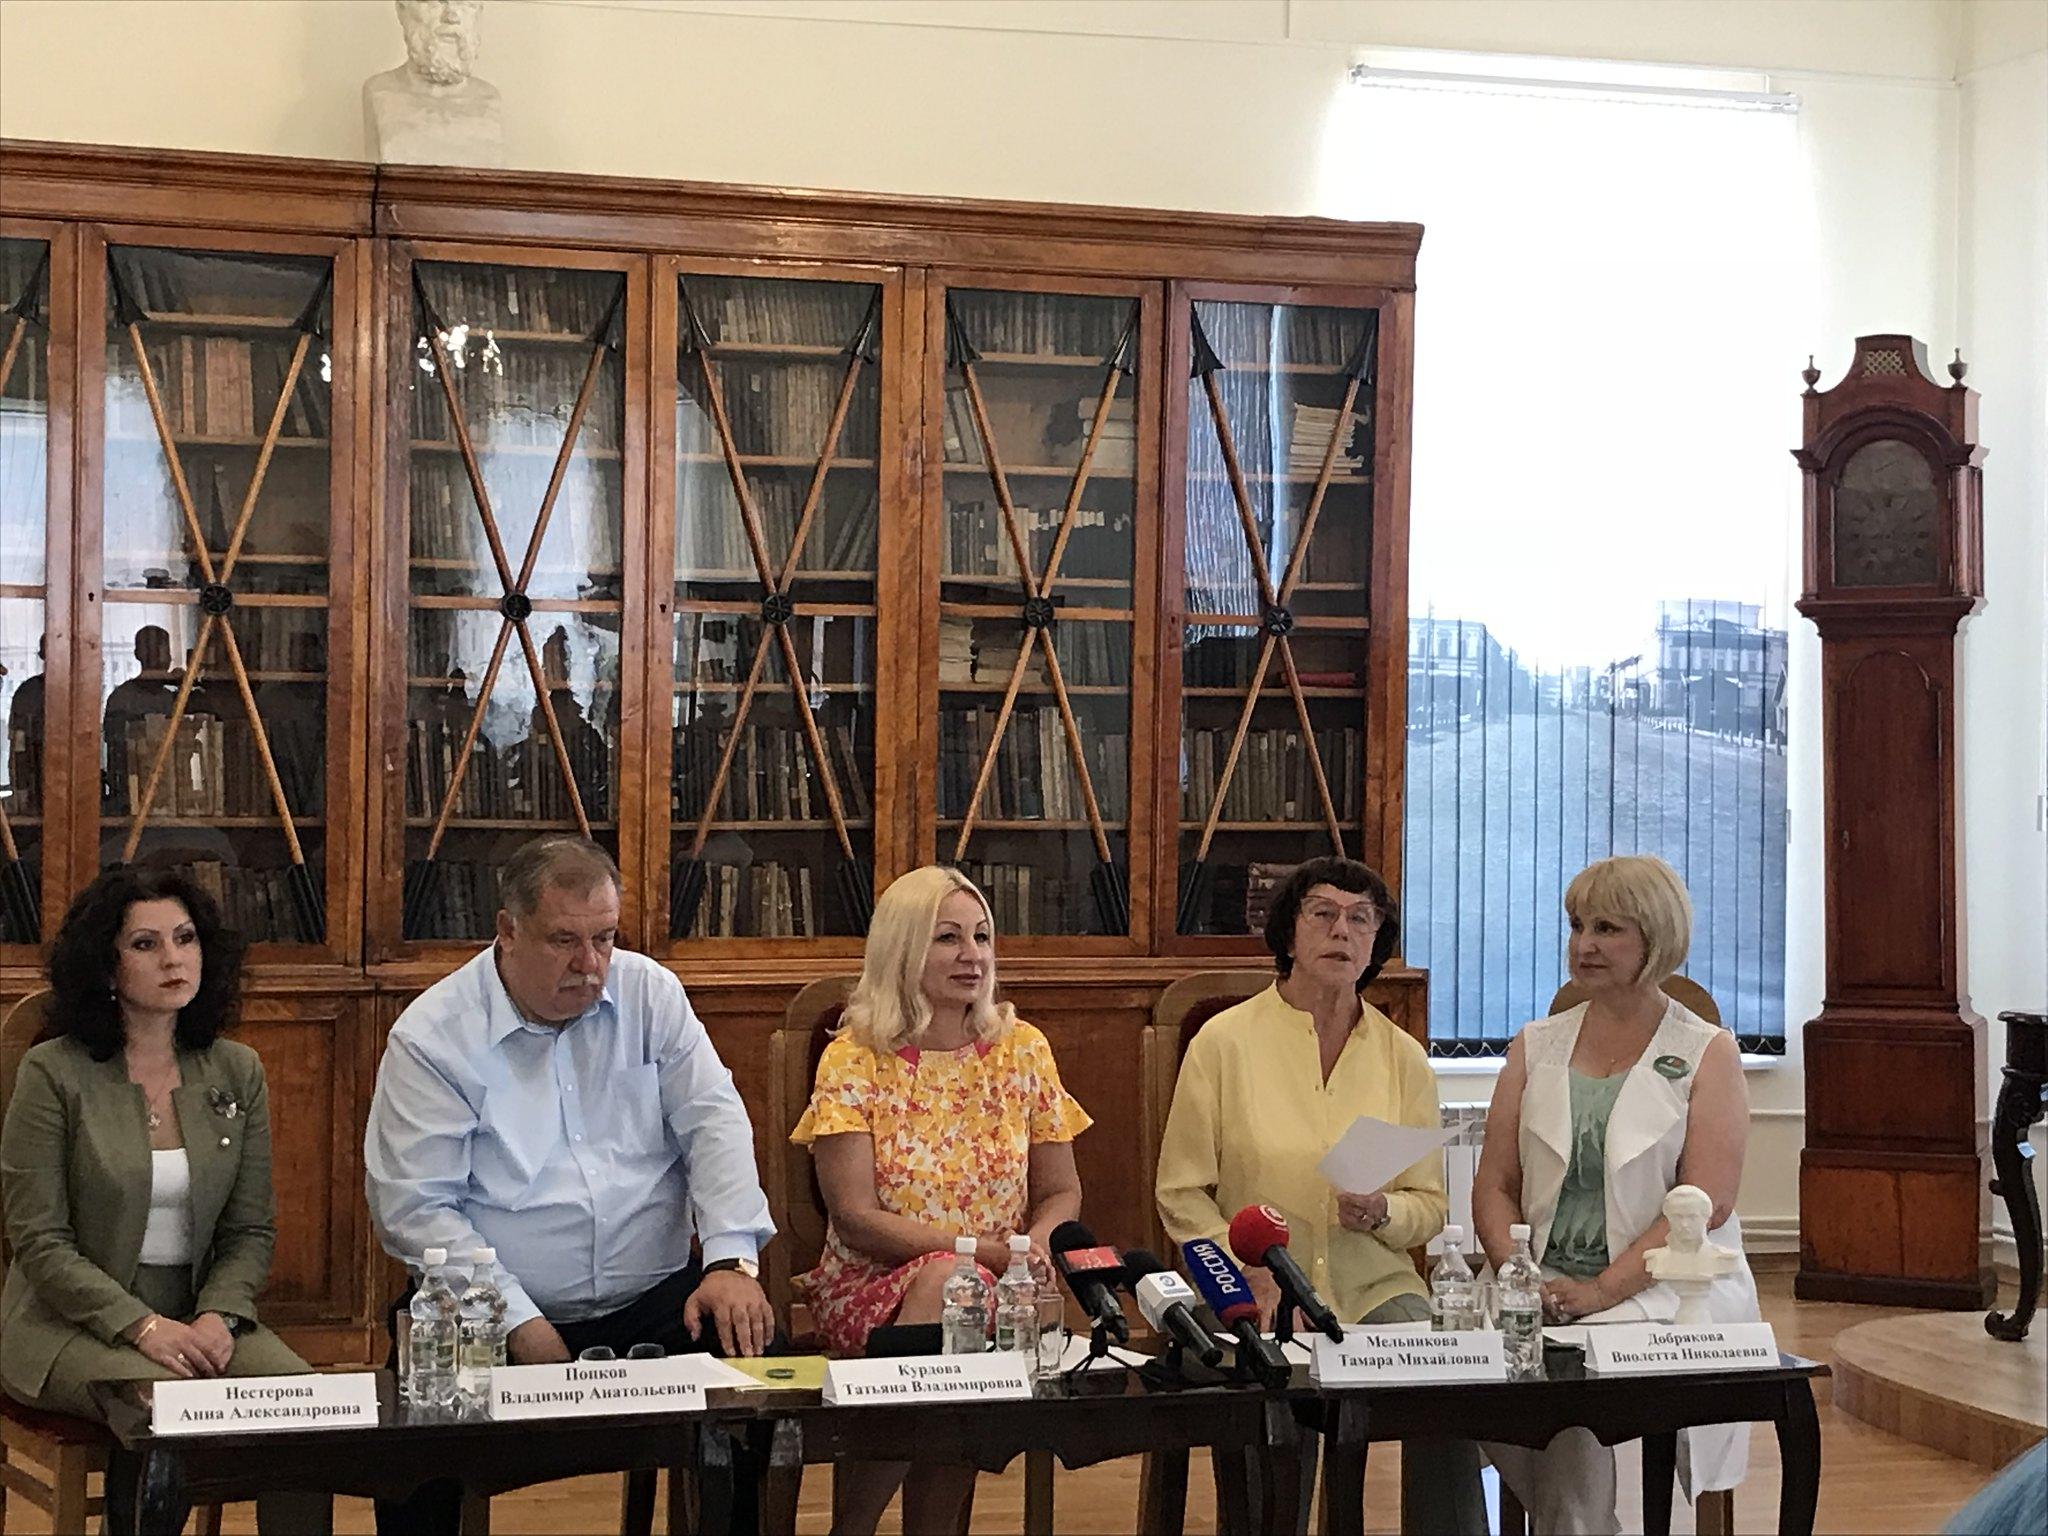 Фотоотчет с пресс-конференции, посвященной XLVII Лермонтовскому празднику. Фотографии Павла Садовникова